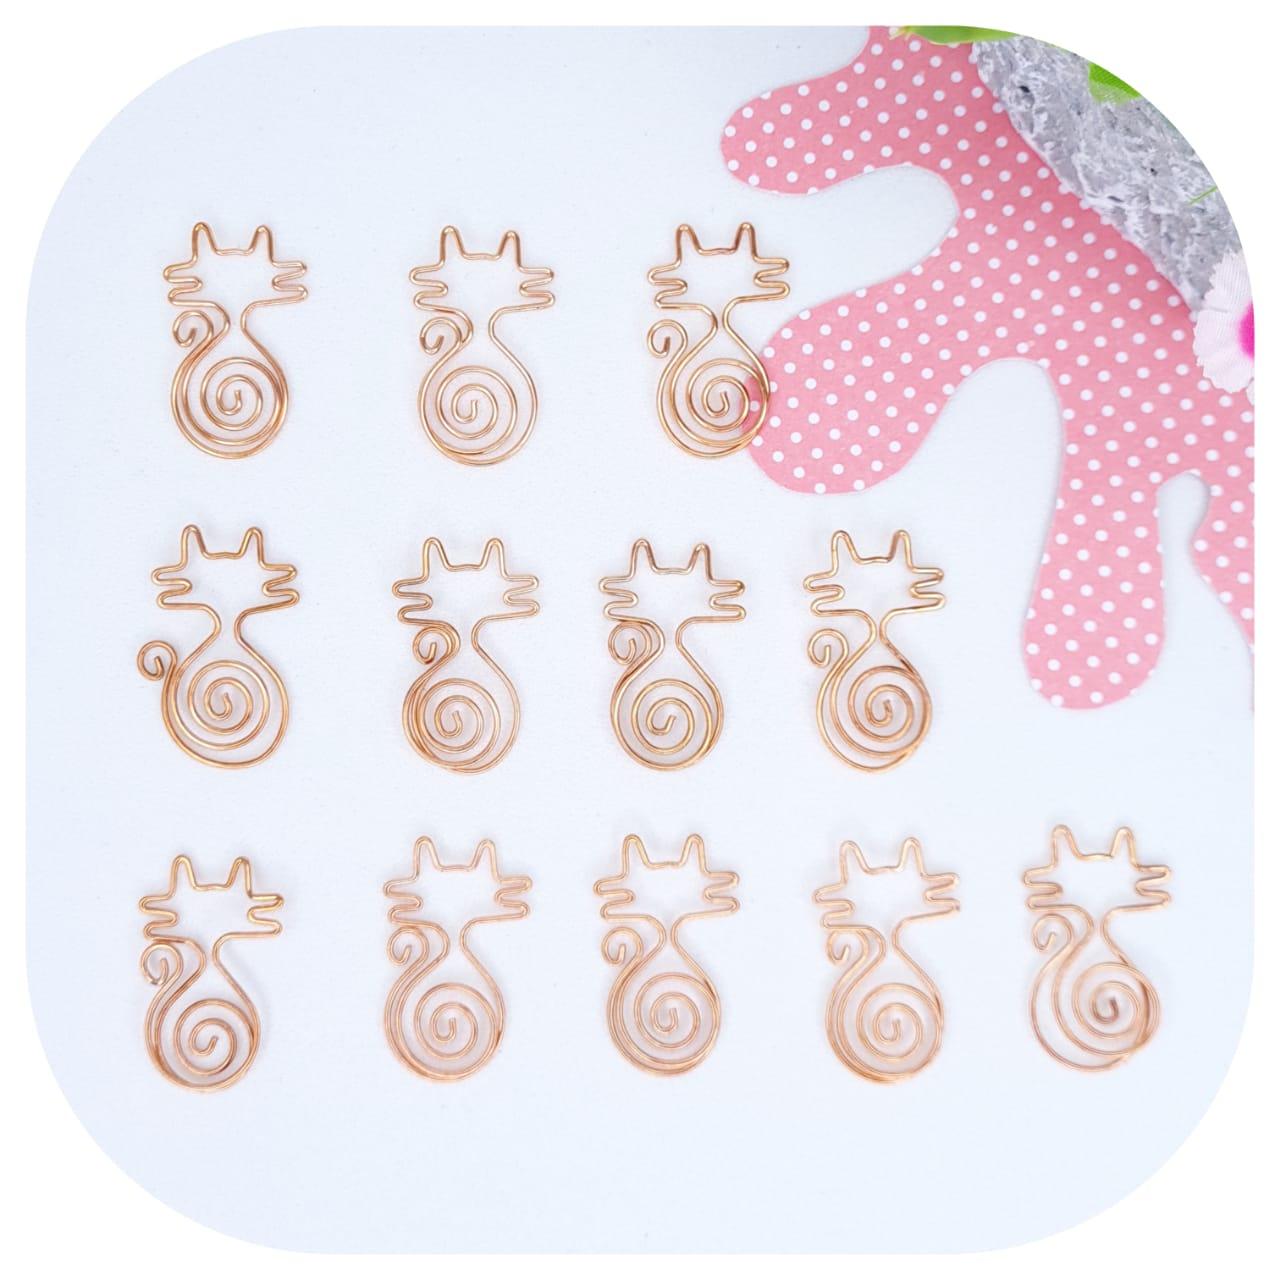 Clips Especial Love - Gato Caixa c/ 12 unidades